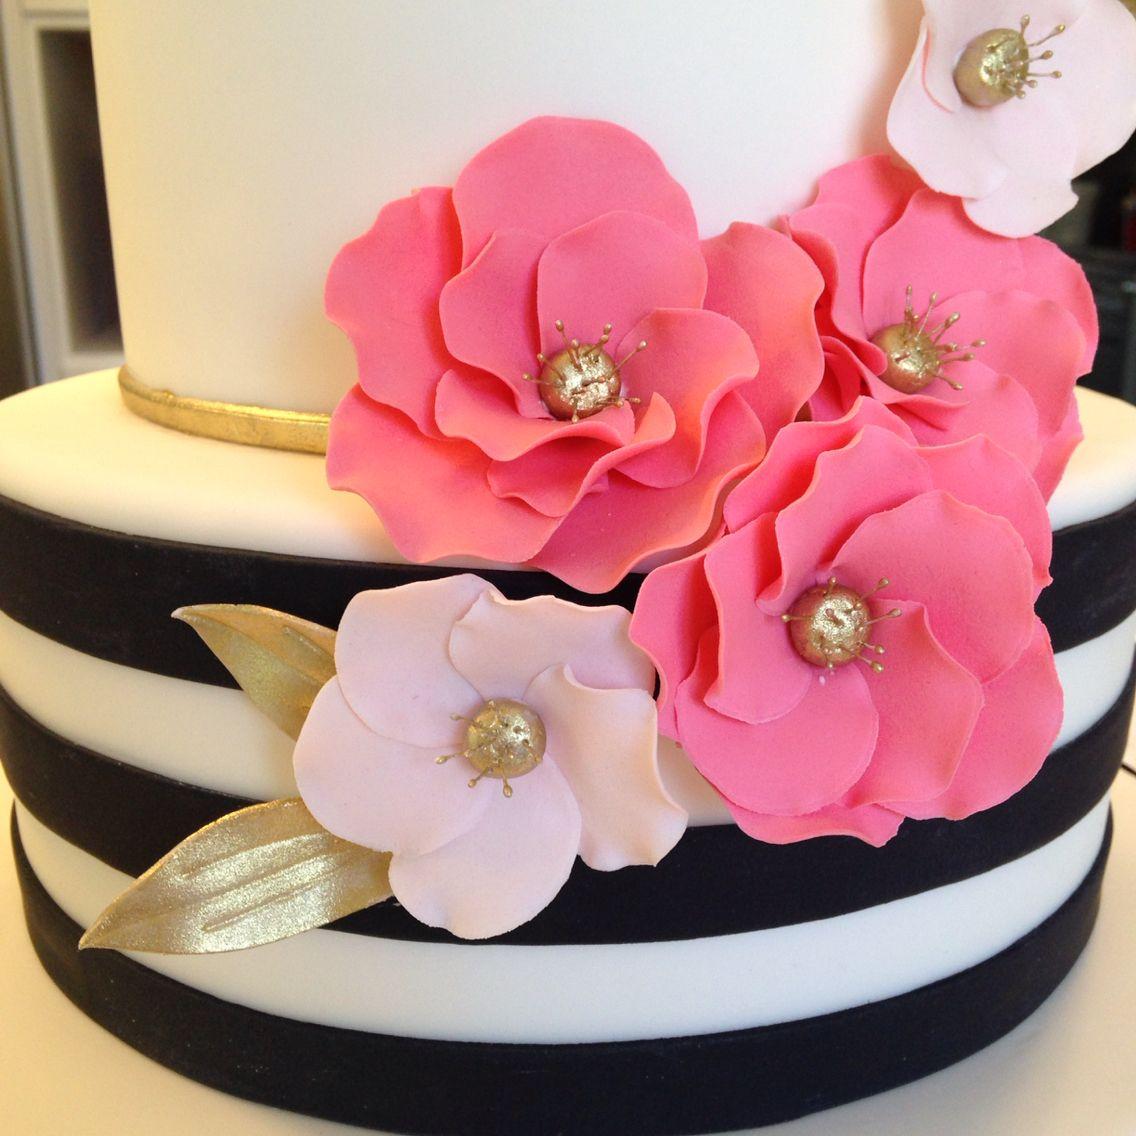 Kate Spade Cake, Kate Spade